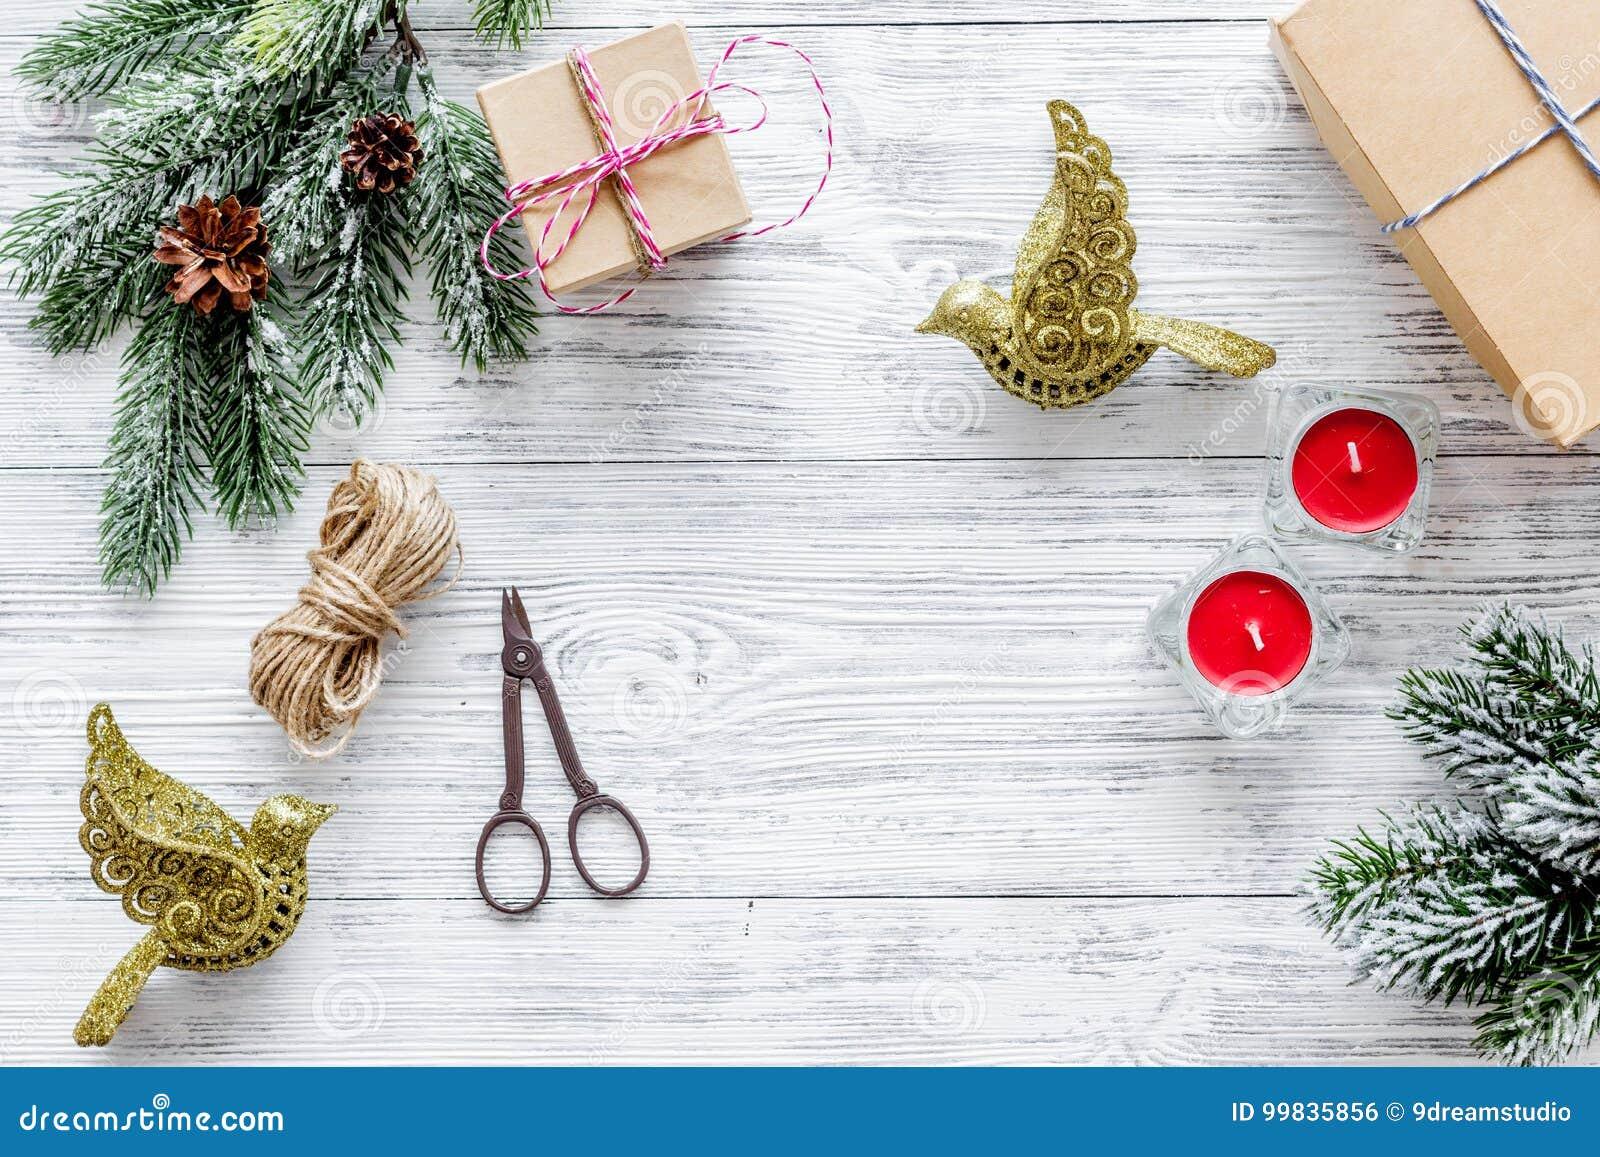 Bereiten Sie neues Jahr und Weihnachten 2018 Geschenke in den Kästen auf hölzernem Hintergrundspitze veiw Modell vor